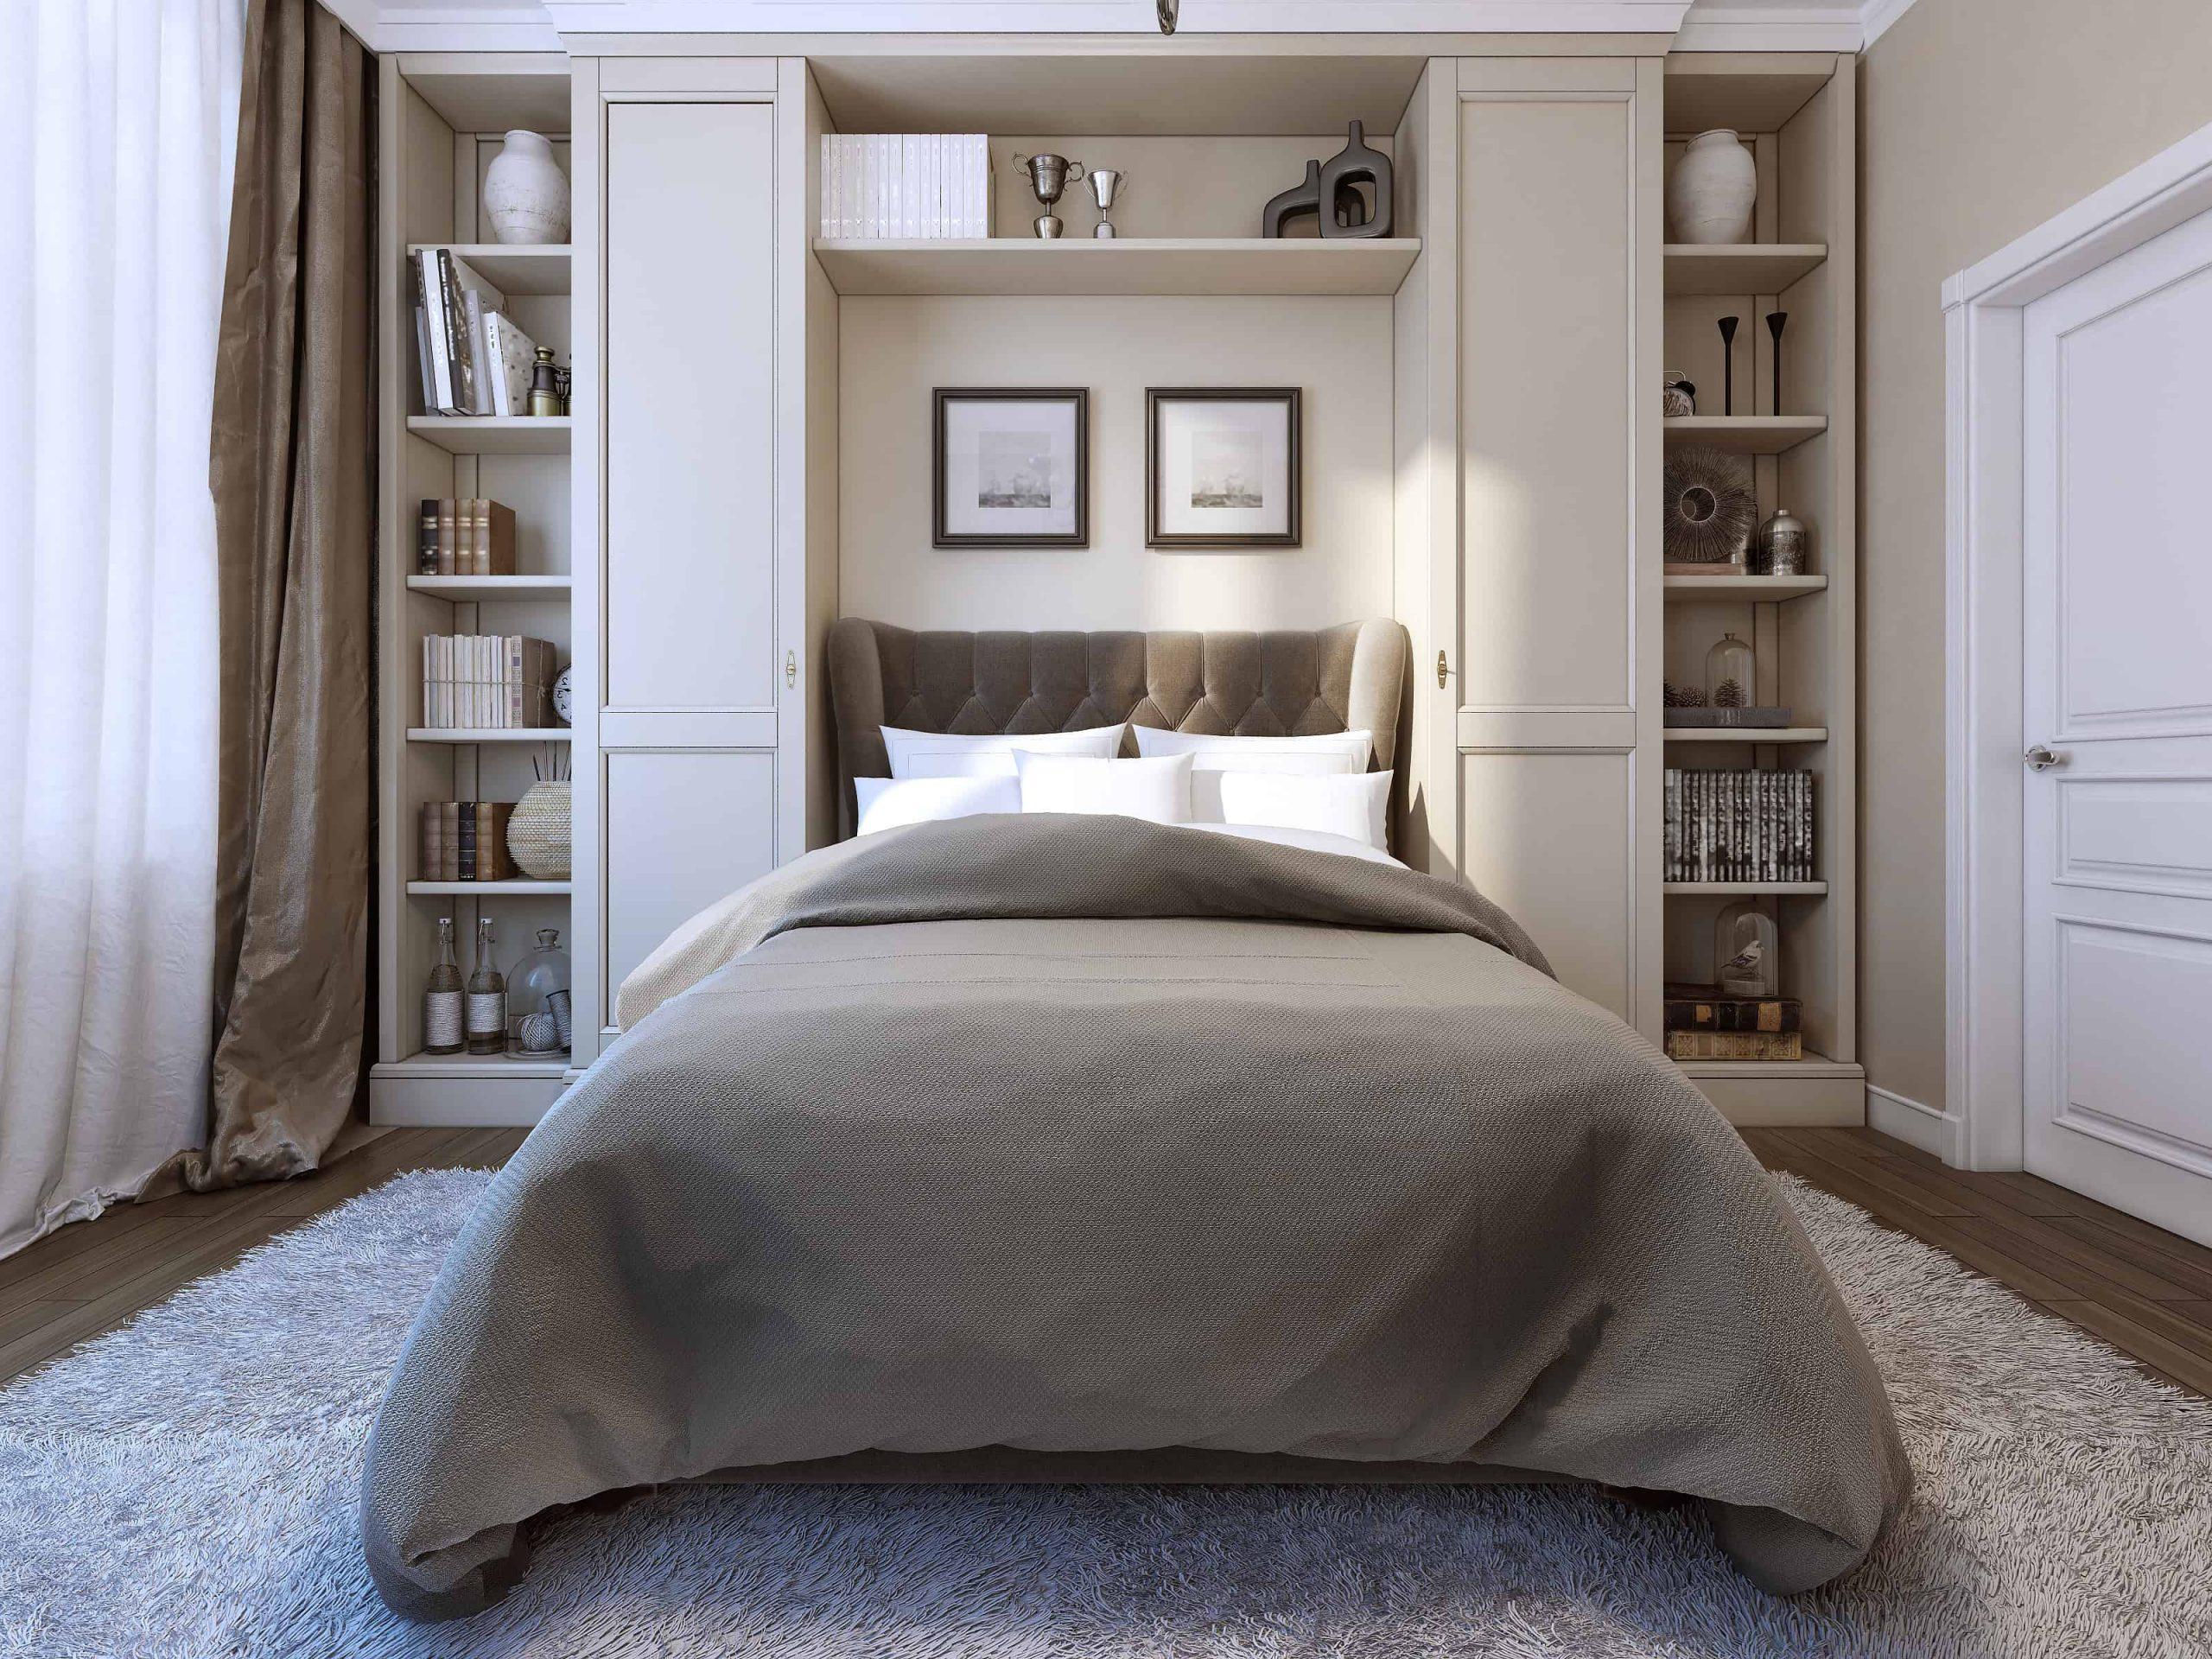 Schlafzimmerschrank: Test & Empfehlungen (18/18)